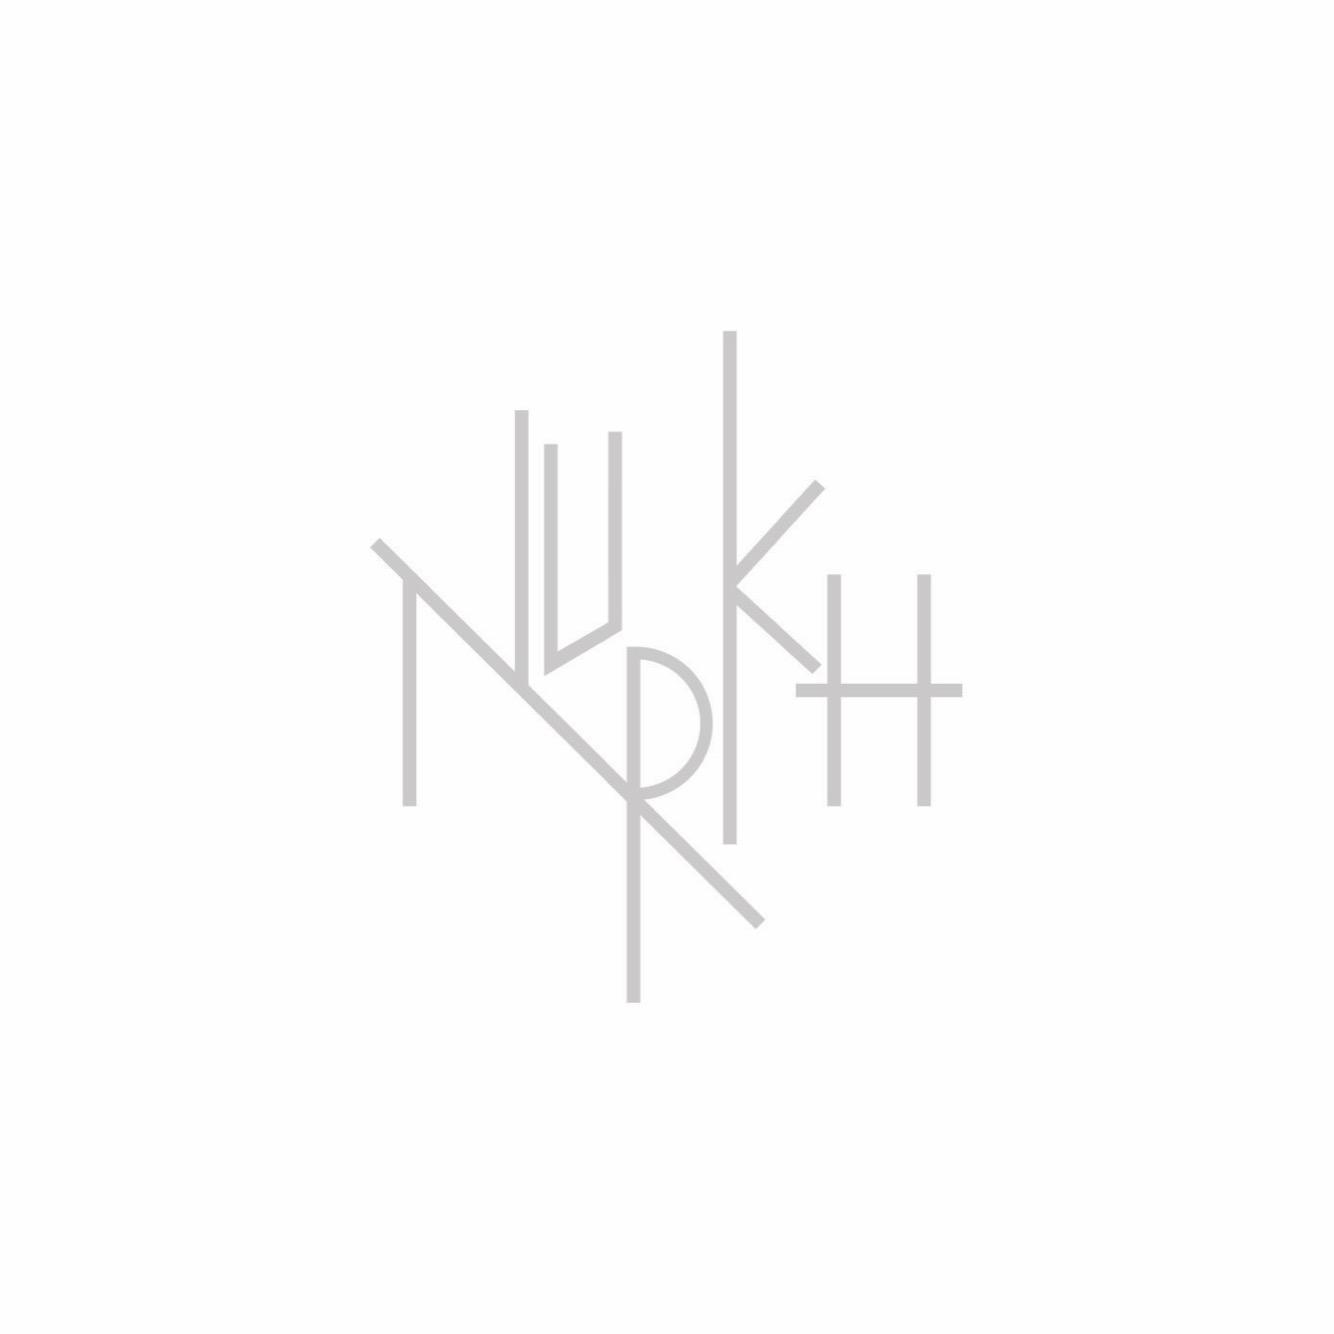 __nurkh